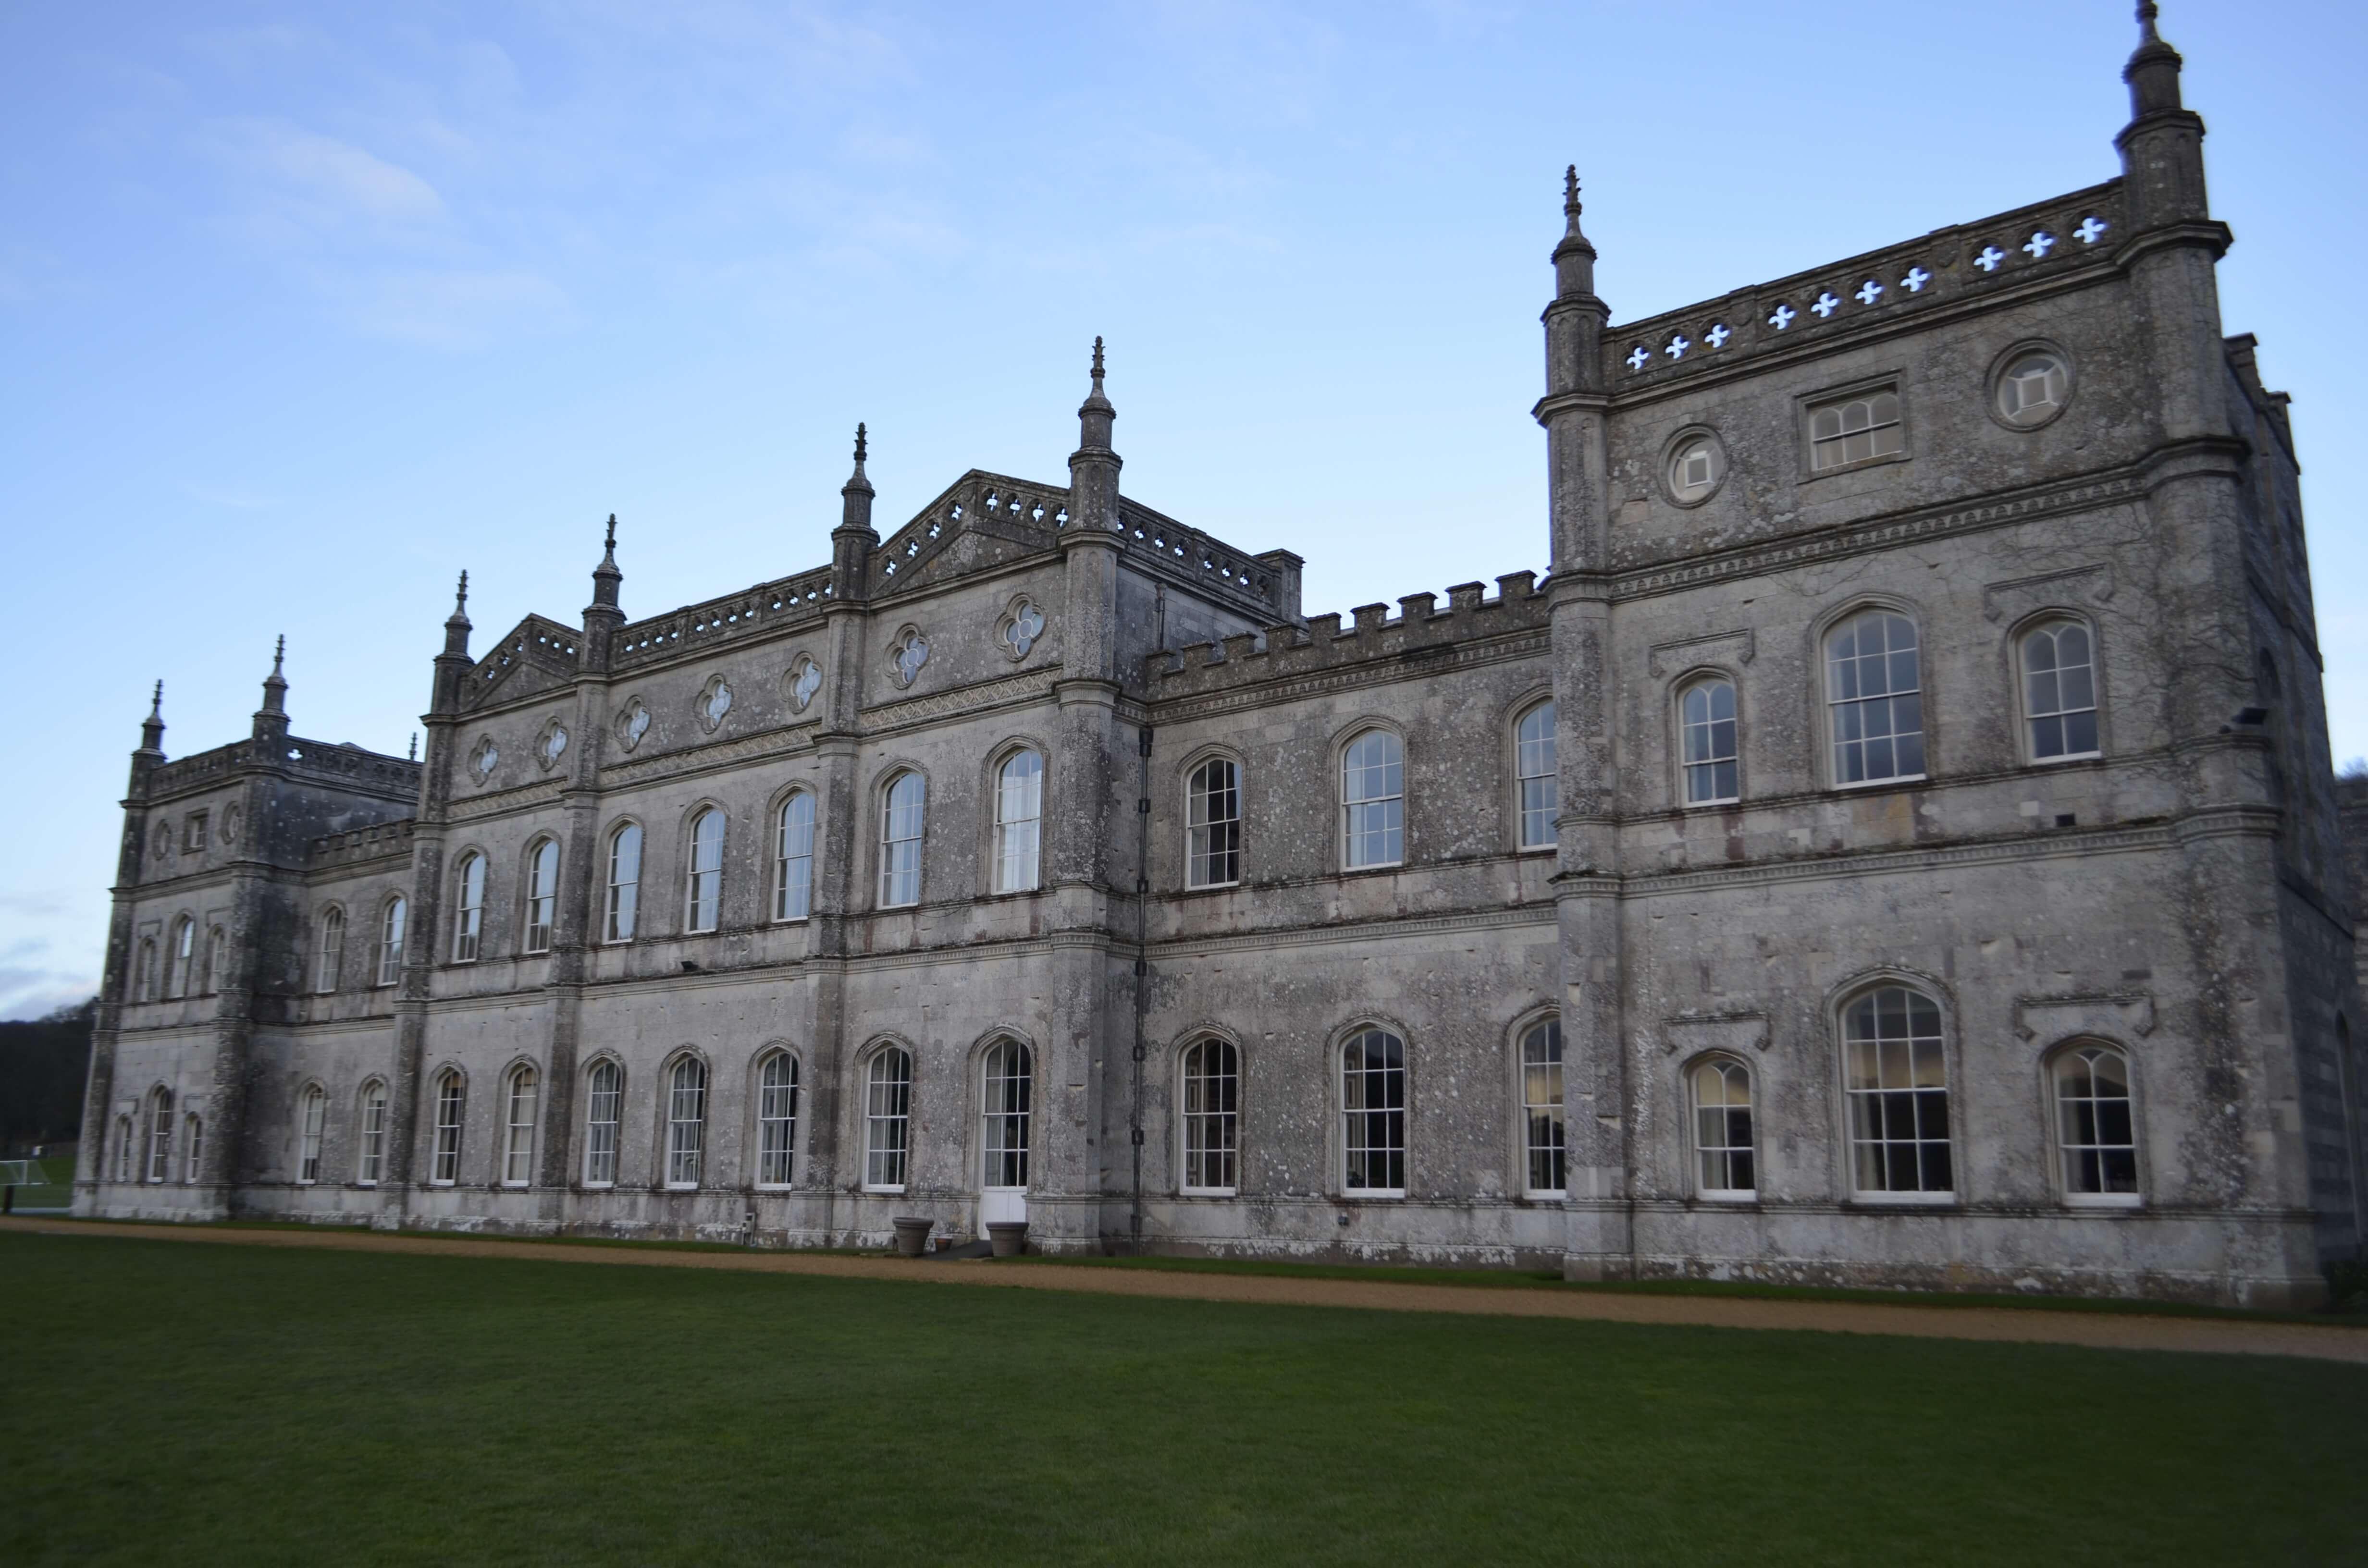 главное здание школы, бывшая резиденция английских лордов